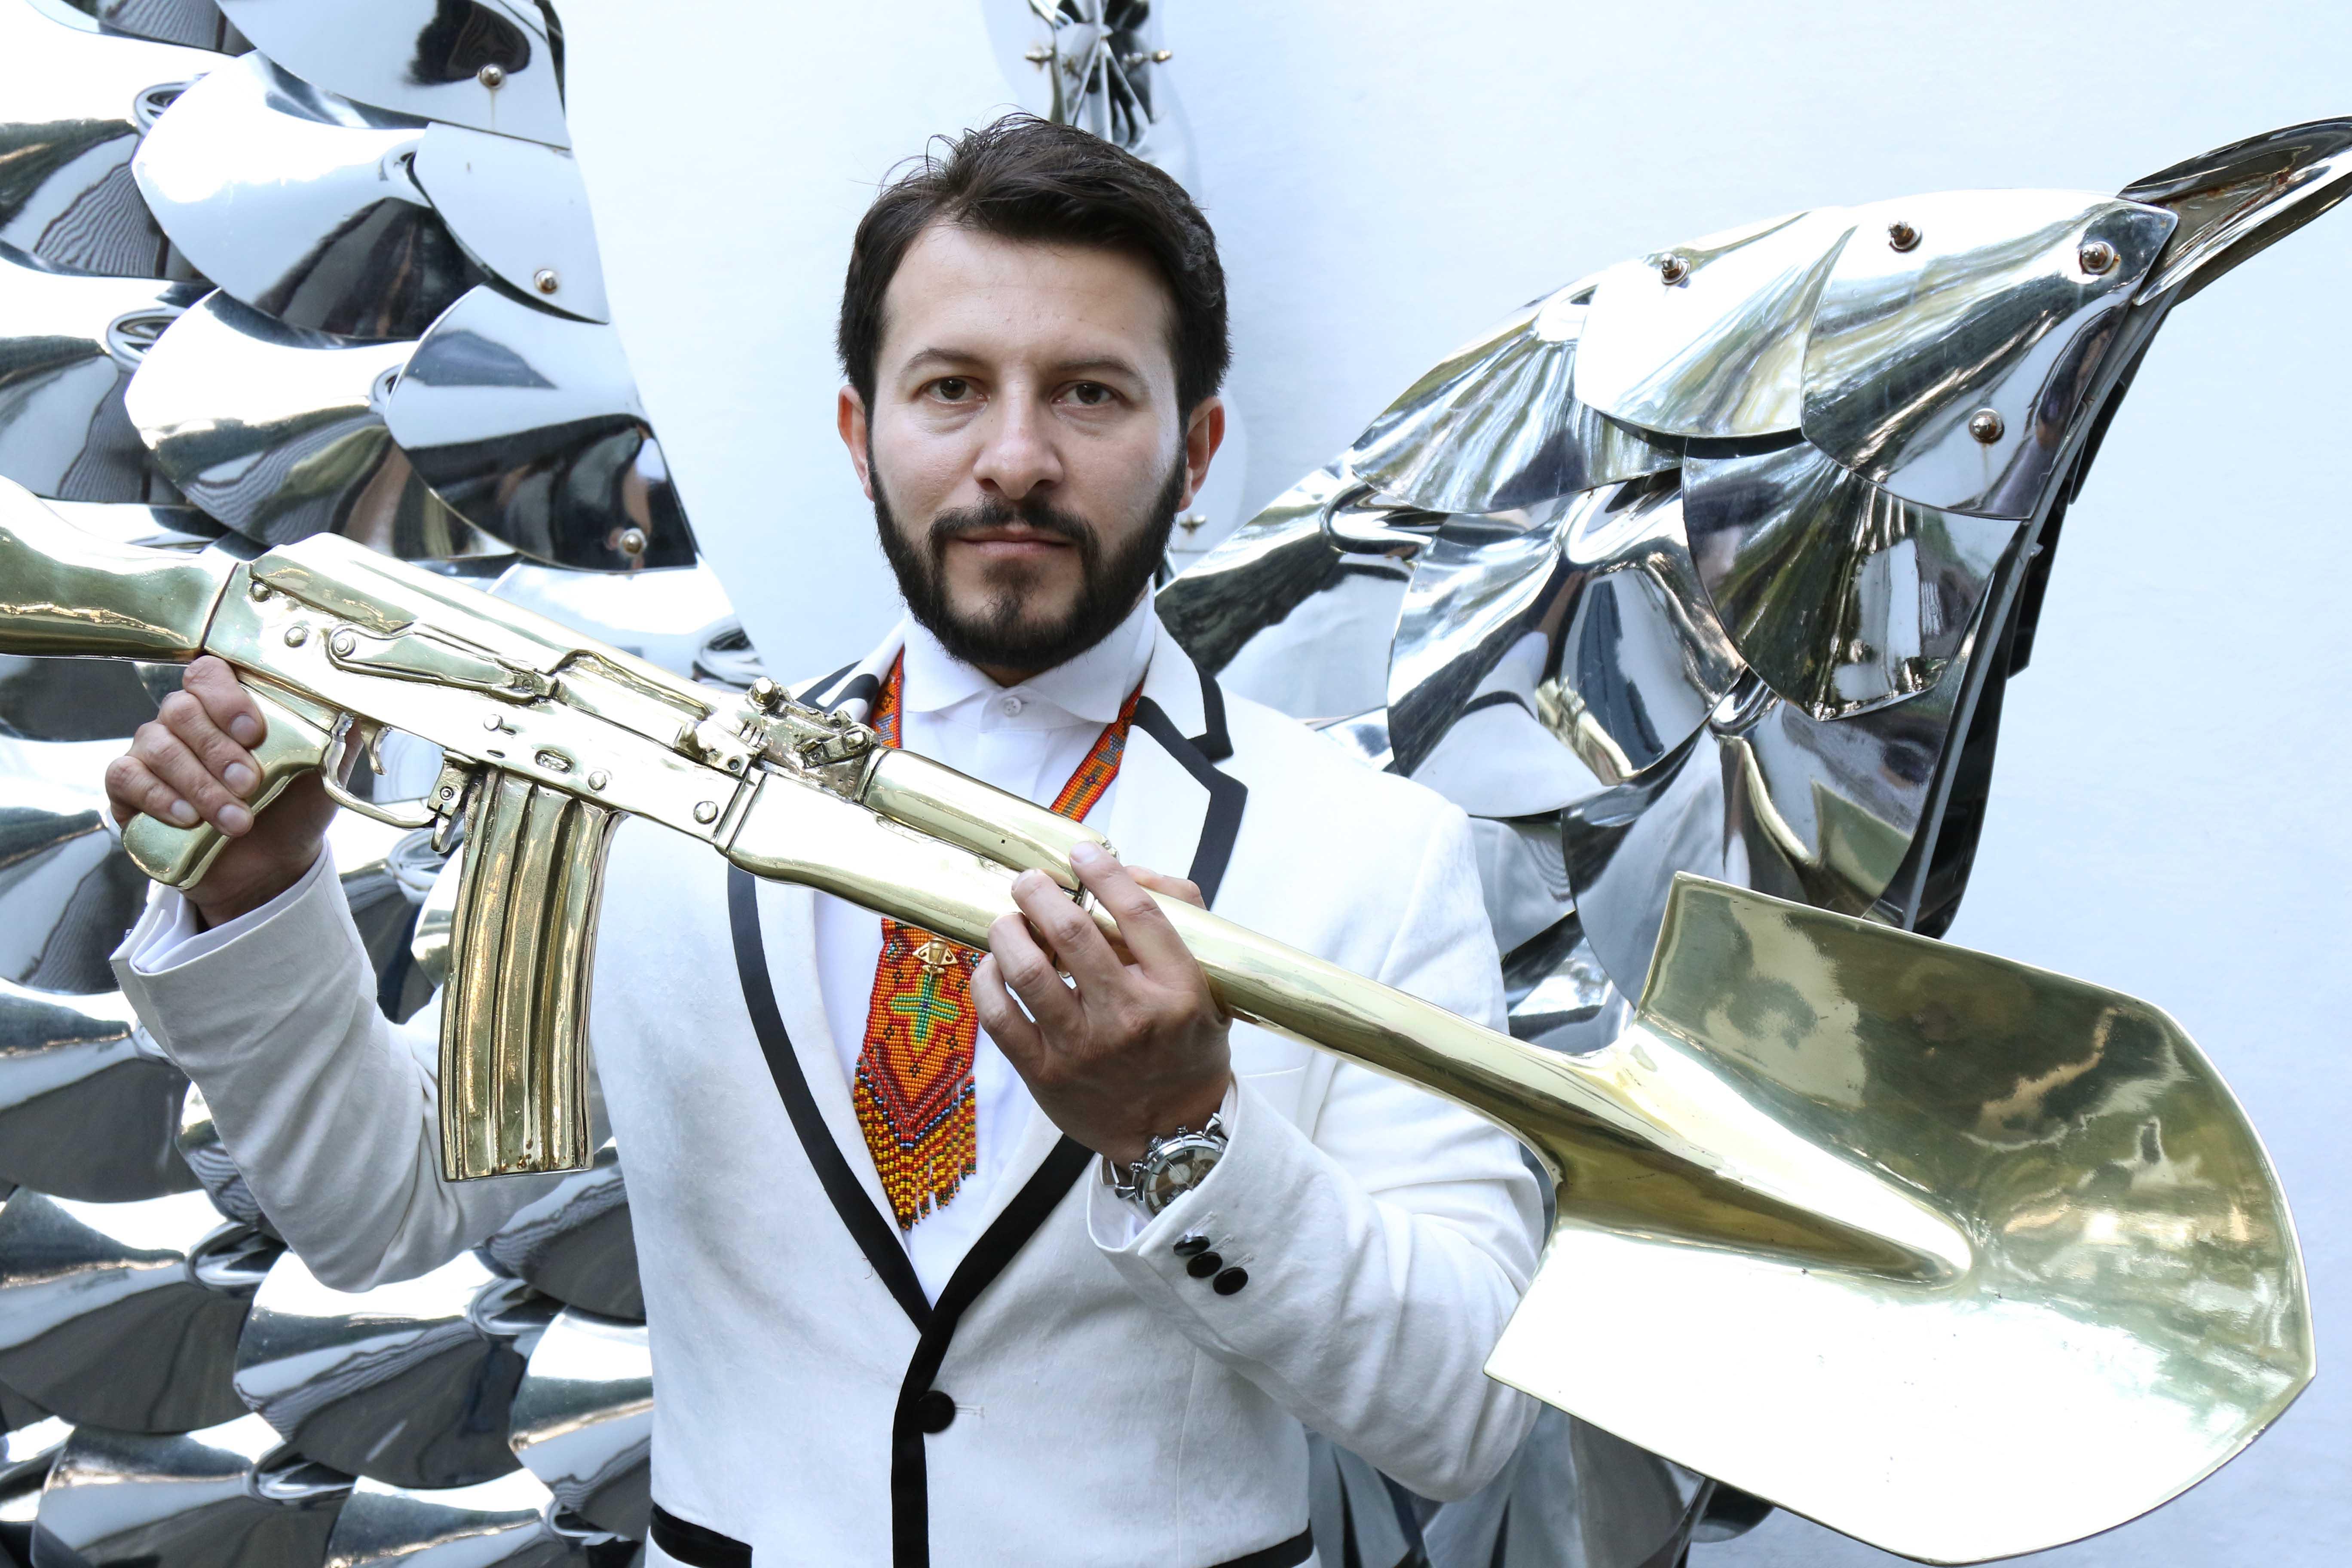 El artista que convierte fusiles en palas para 'cultivar la paz'